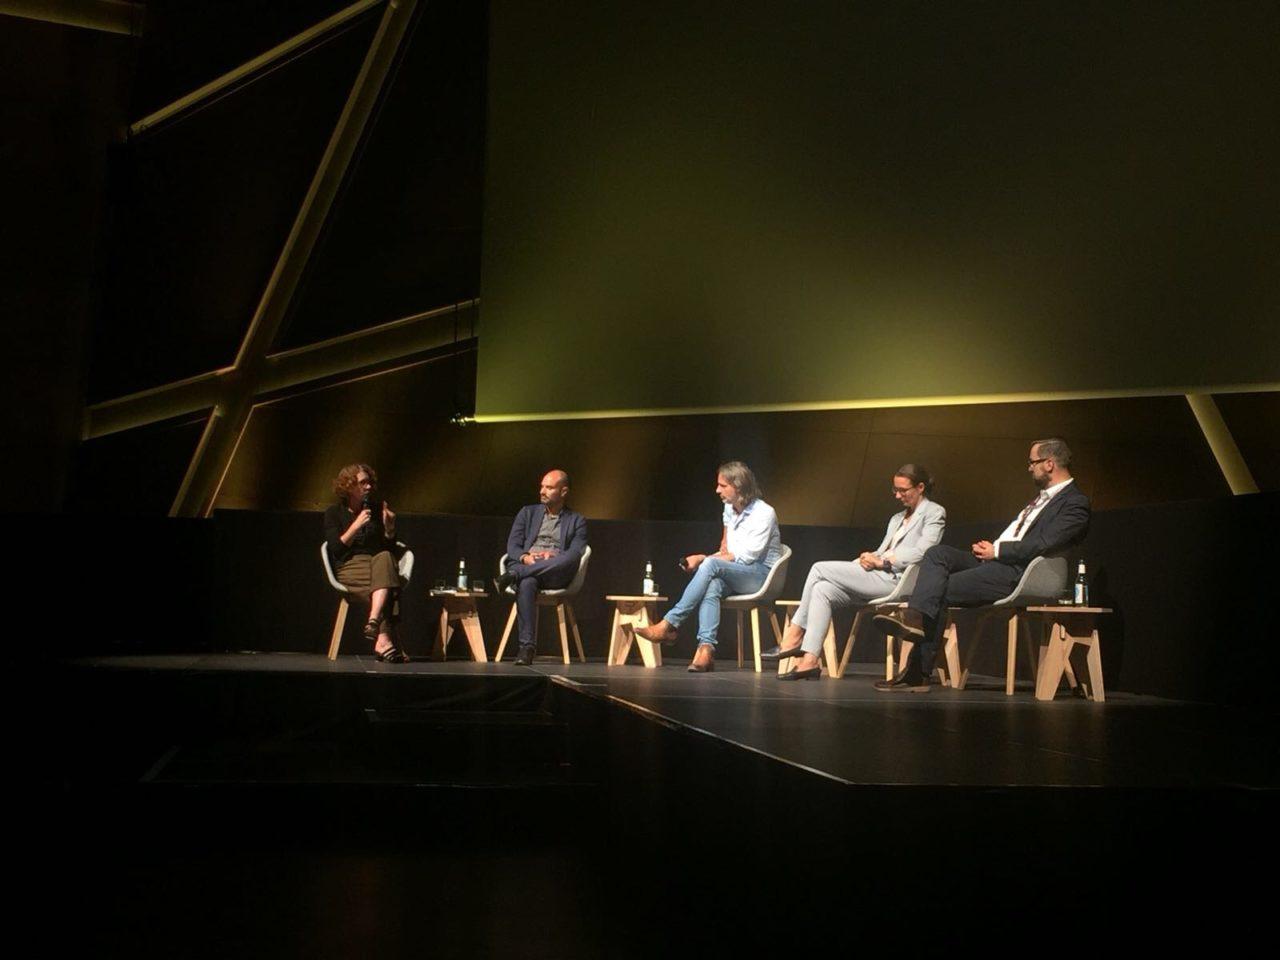 Utopie Konferenz 2018 Auditorium Bühne mit Europa-Vordenkerin Ulrike Guérot, Daniel Lang, Richard David Precht, Manuela Bojadžijev und Oliver Nachtwey.